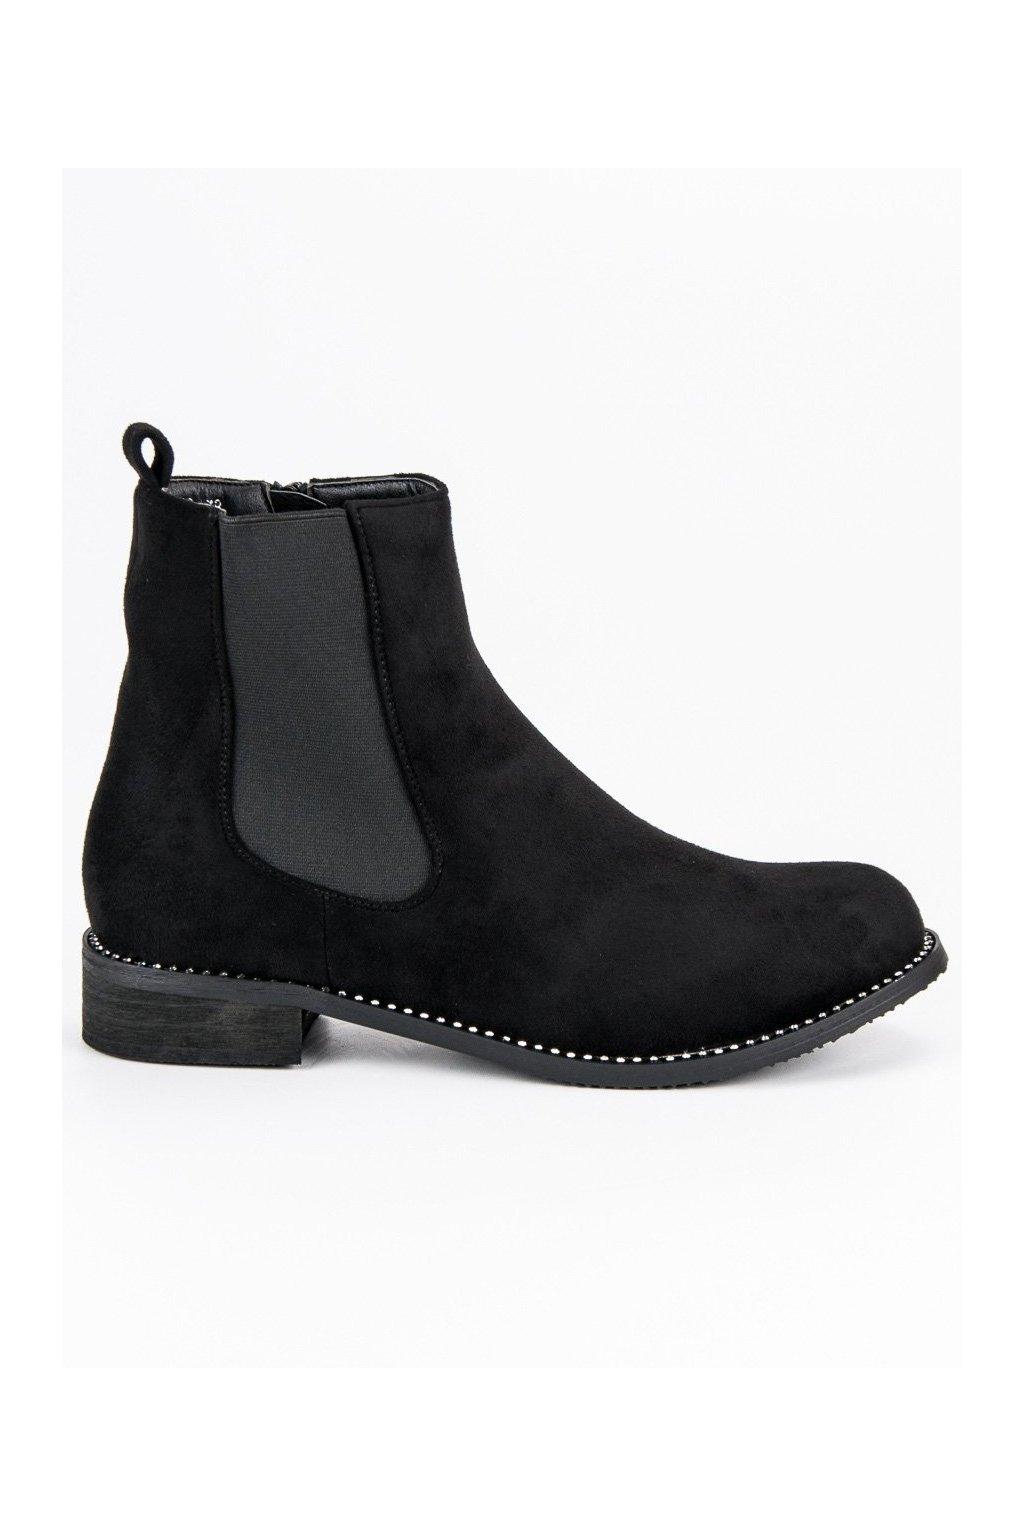 23326423773b2 Damska obuv velkost 43 | NAJ.SK